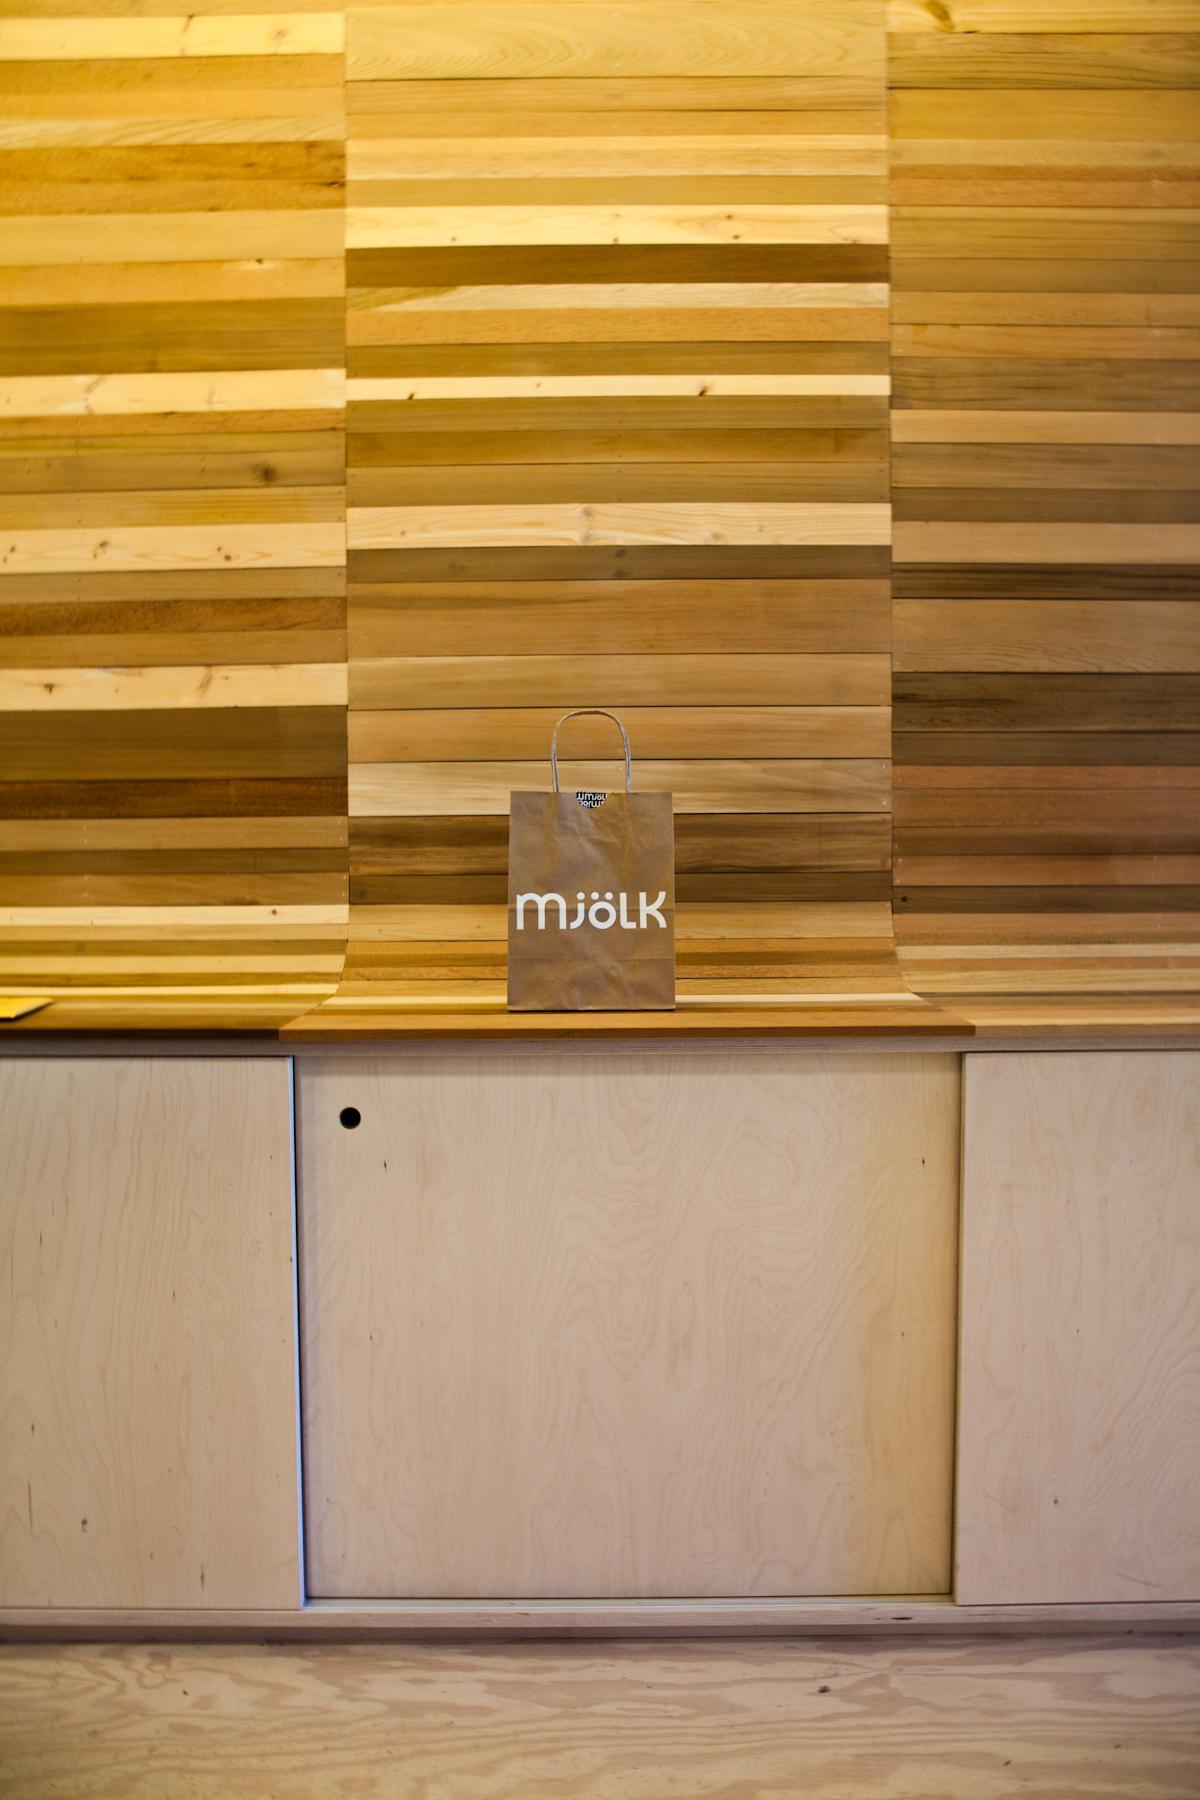 mjolk_bag-1